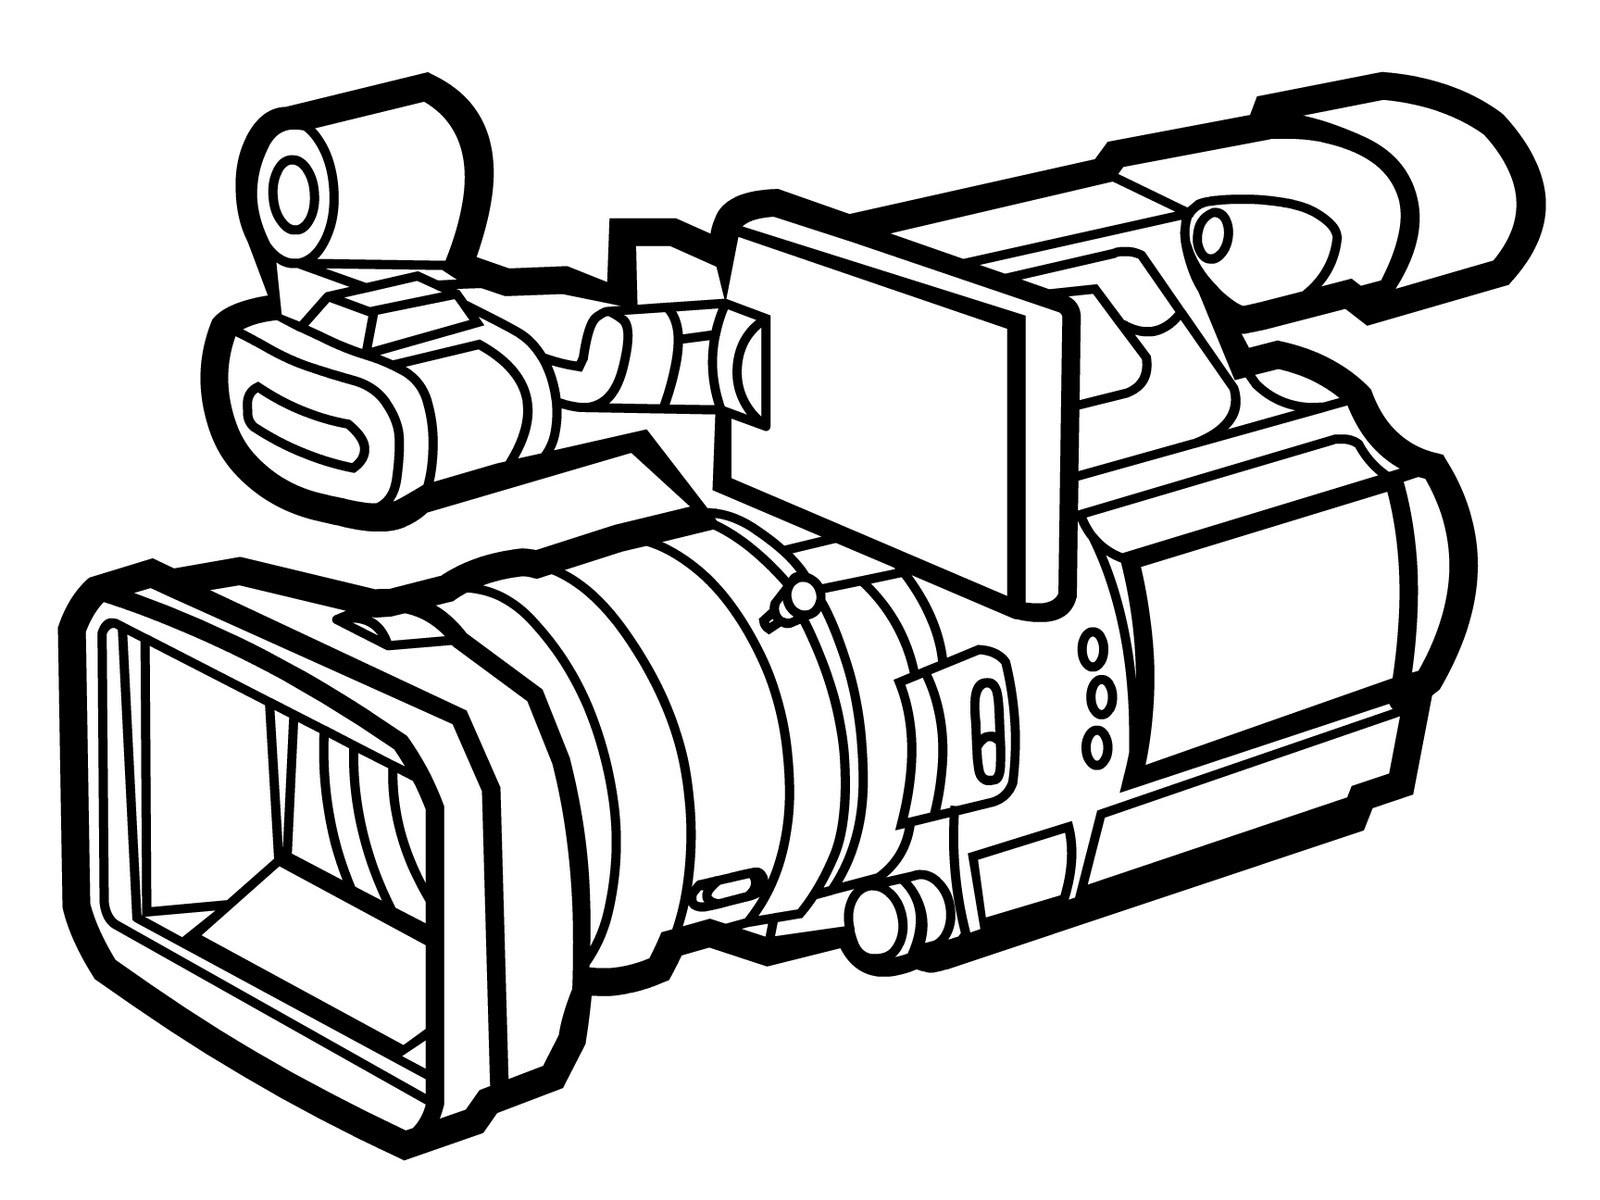 Video camera clipart images 4 » Clipart Portal.